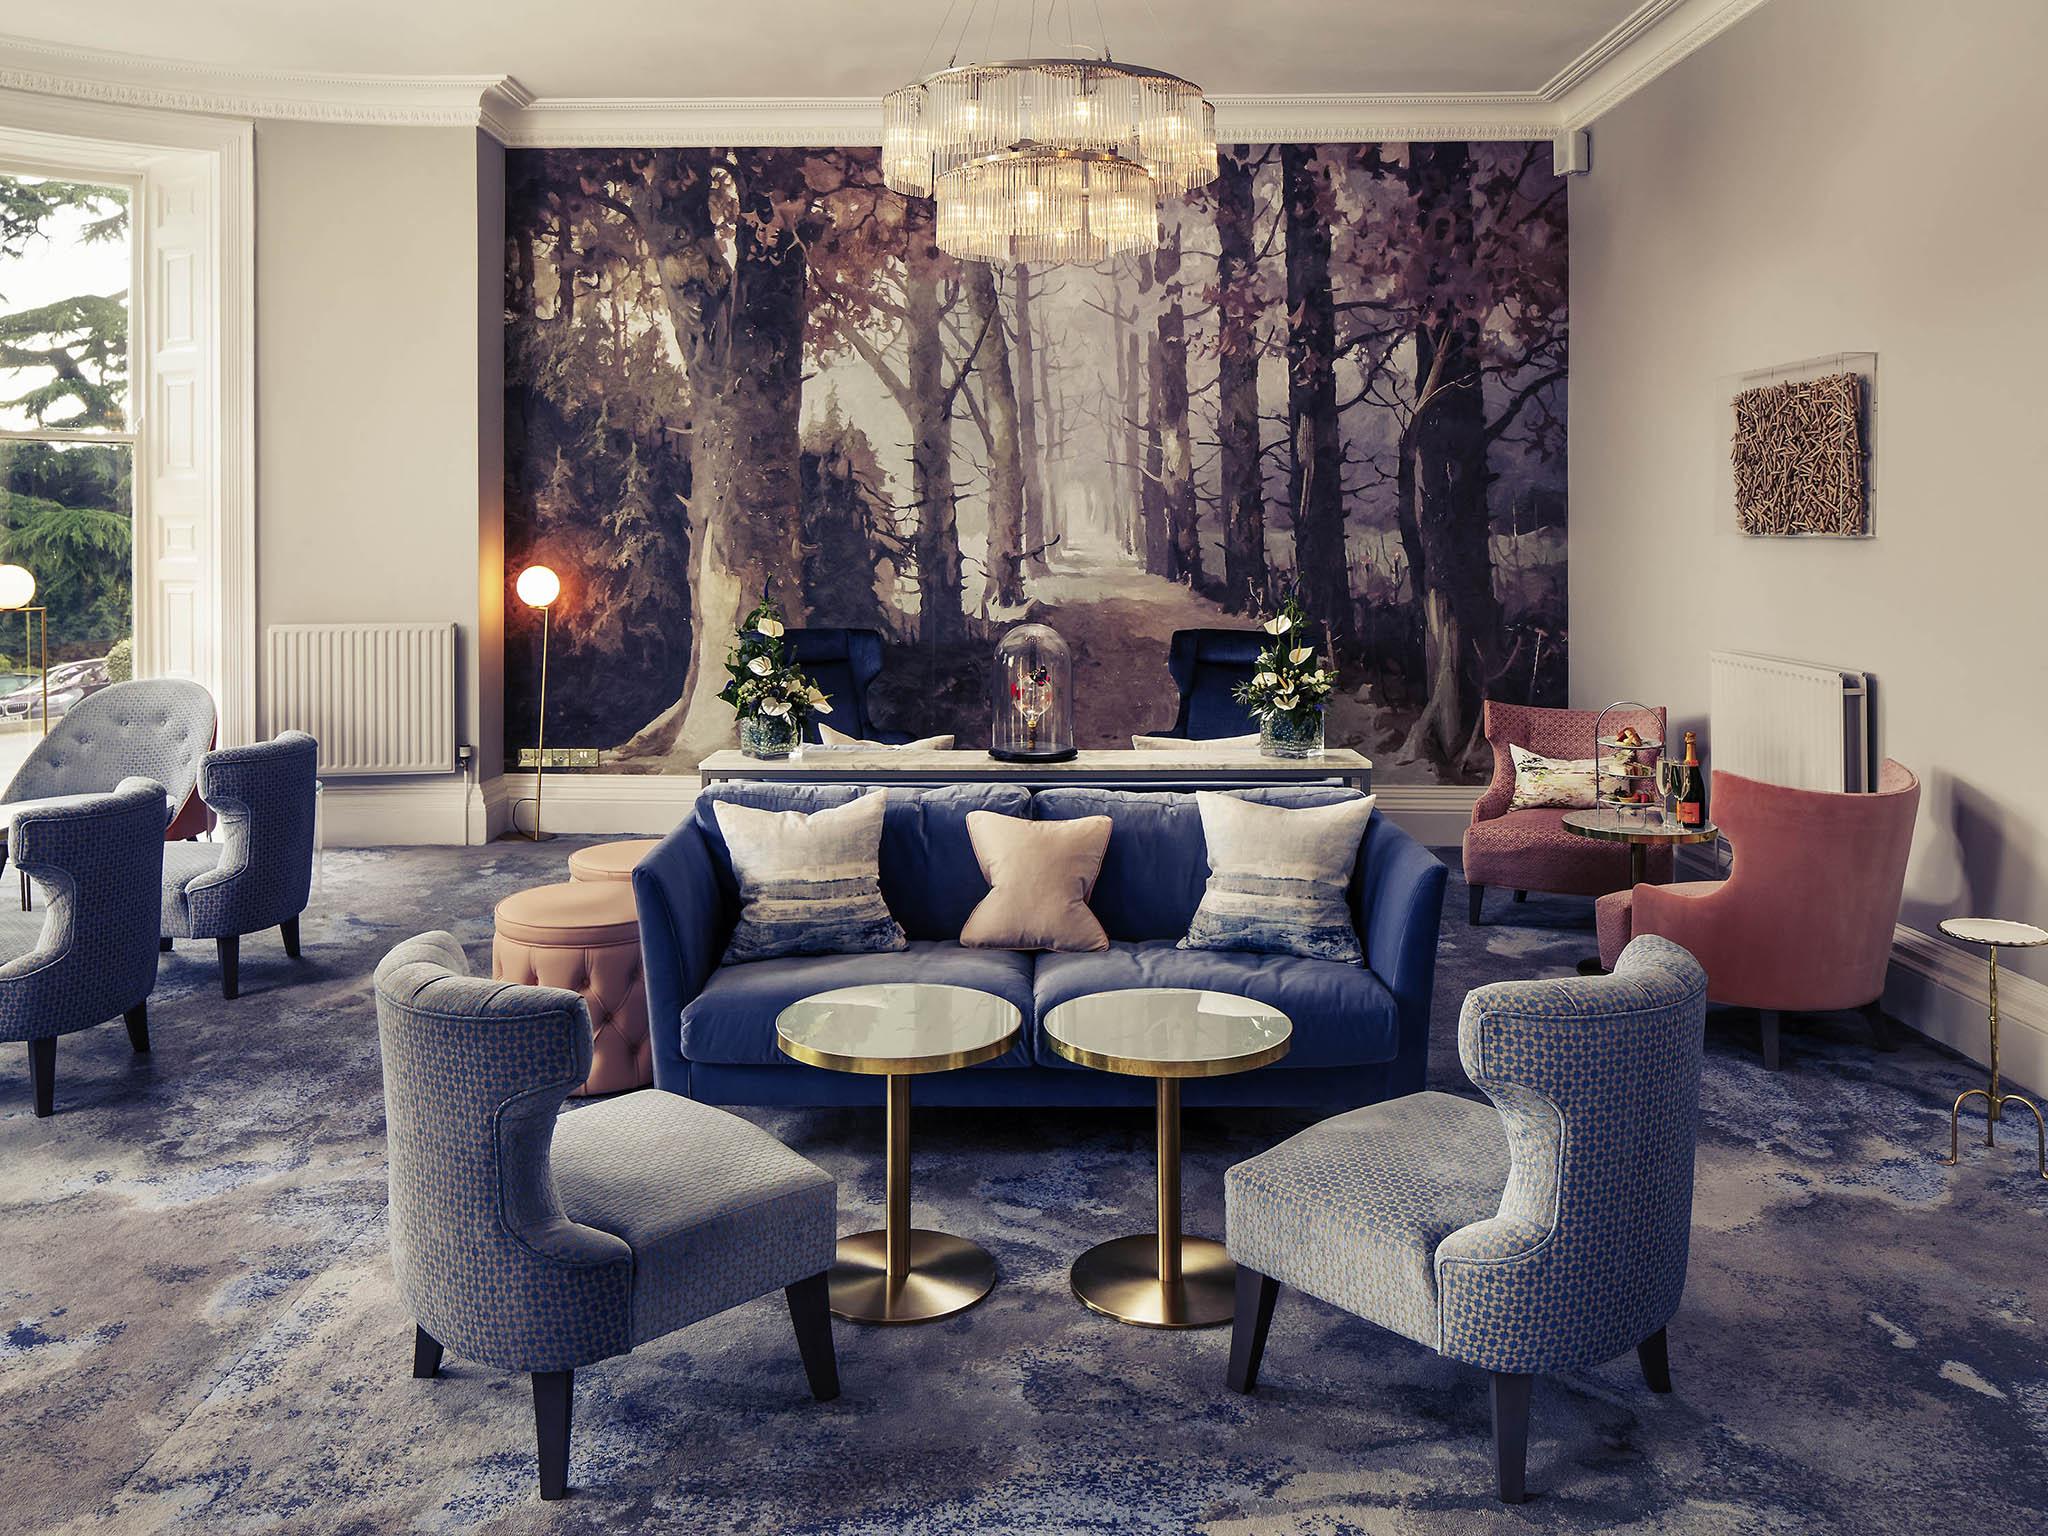 โรงแรม – Mercure Gloucester Bowden Hall Hotel